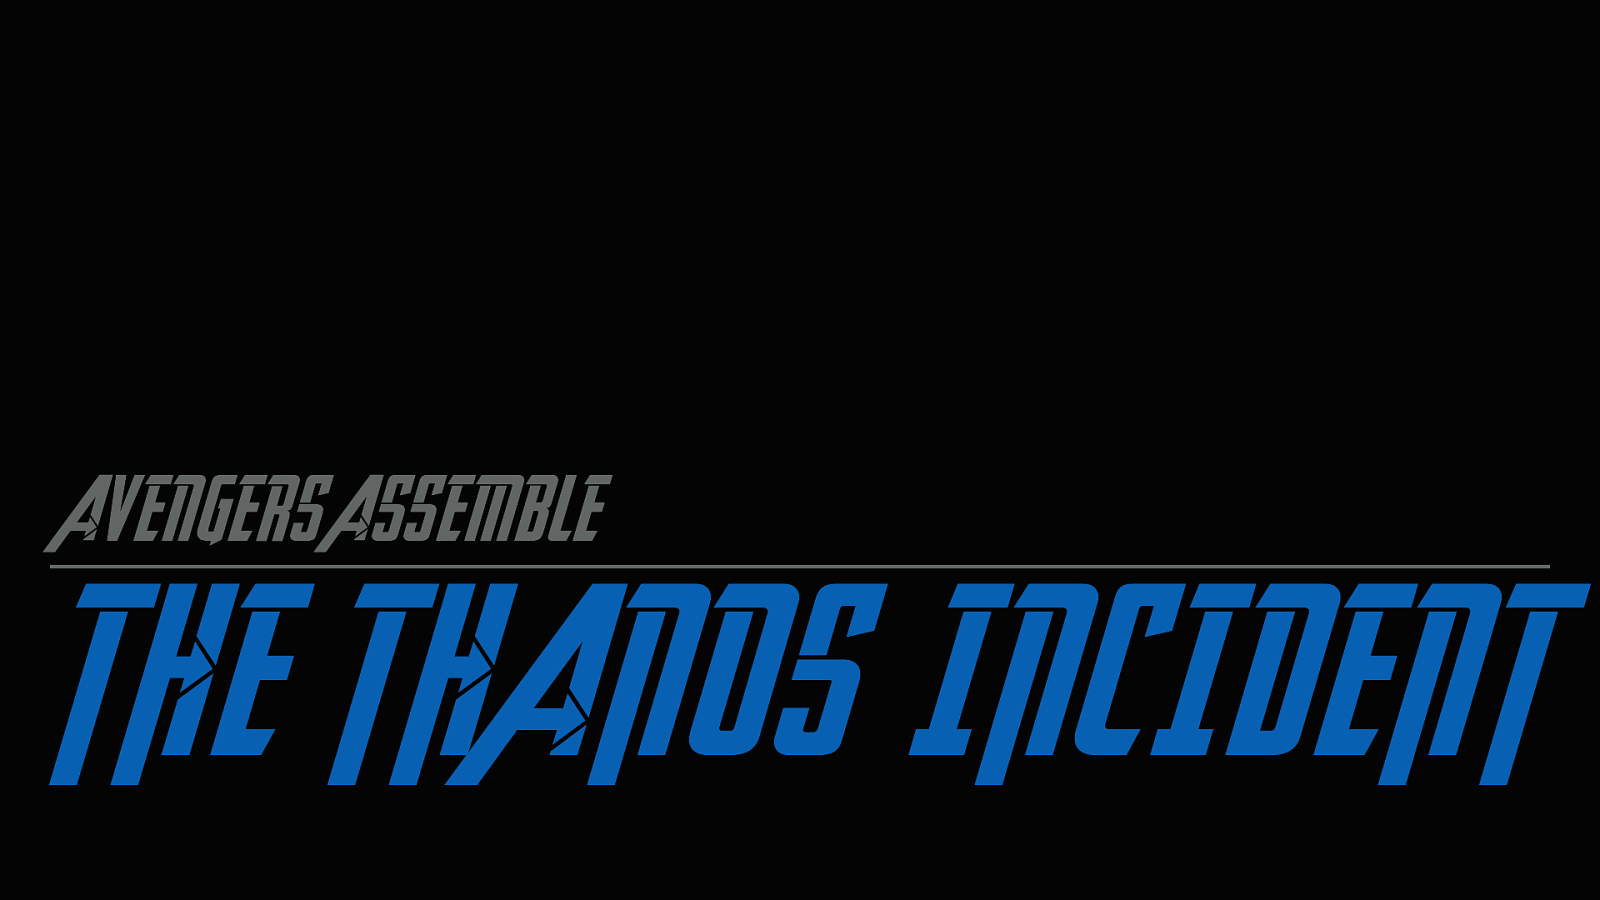 Avengers Assemble - The Thanos Incident by Matt Stratton